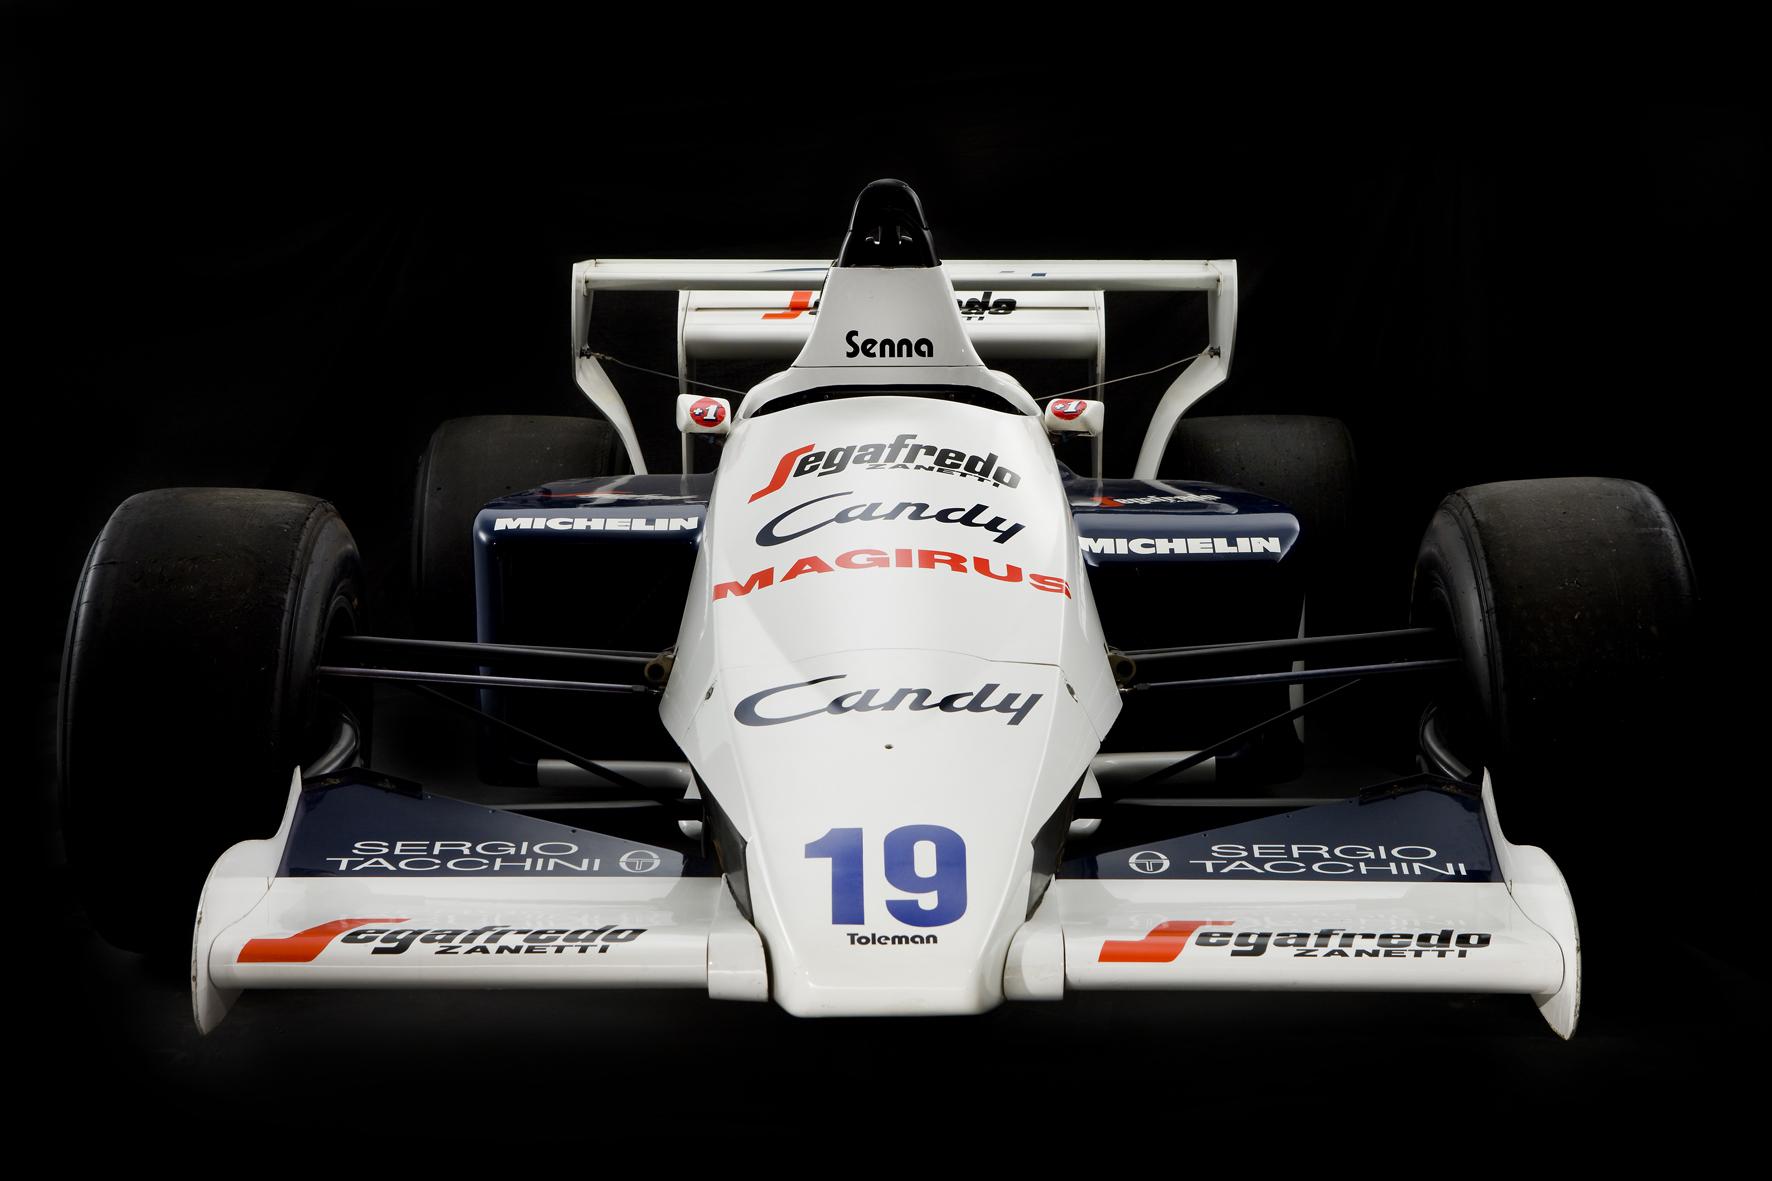 Aryton Senna Toleman F1 Front